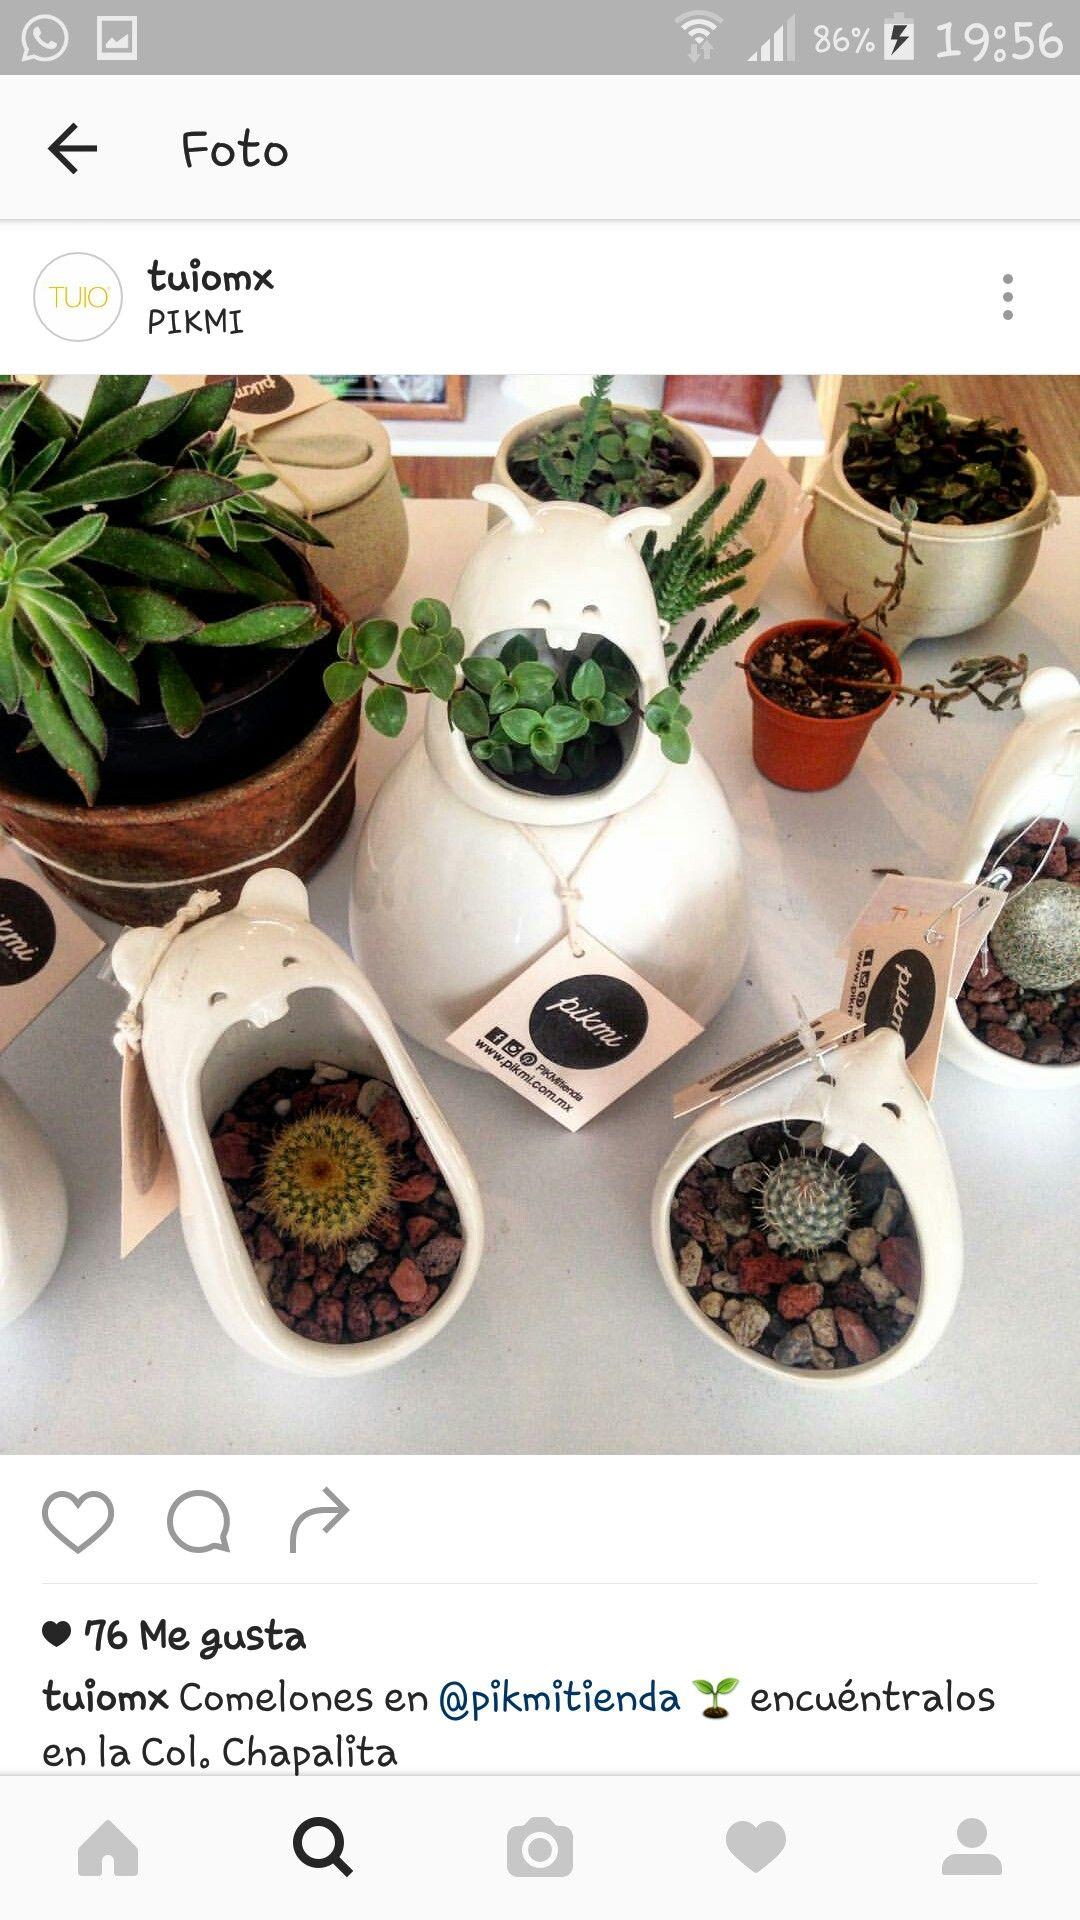 Asombroso Gres Cocina De Compost De Barro Foto - Ideas de Decoración ...